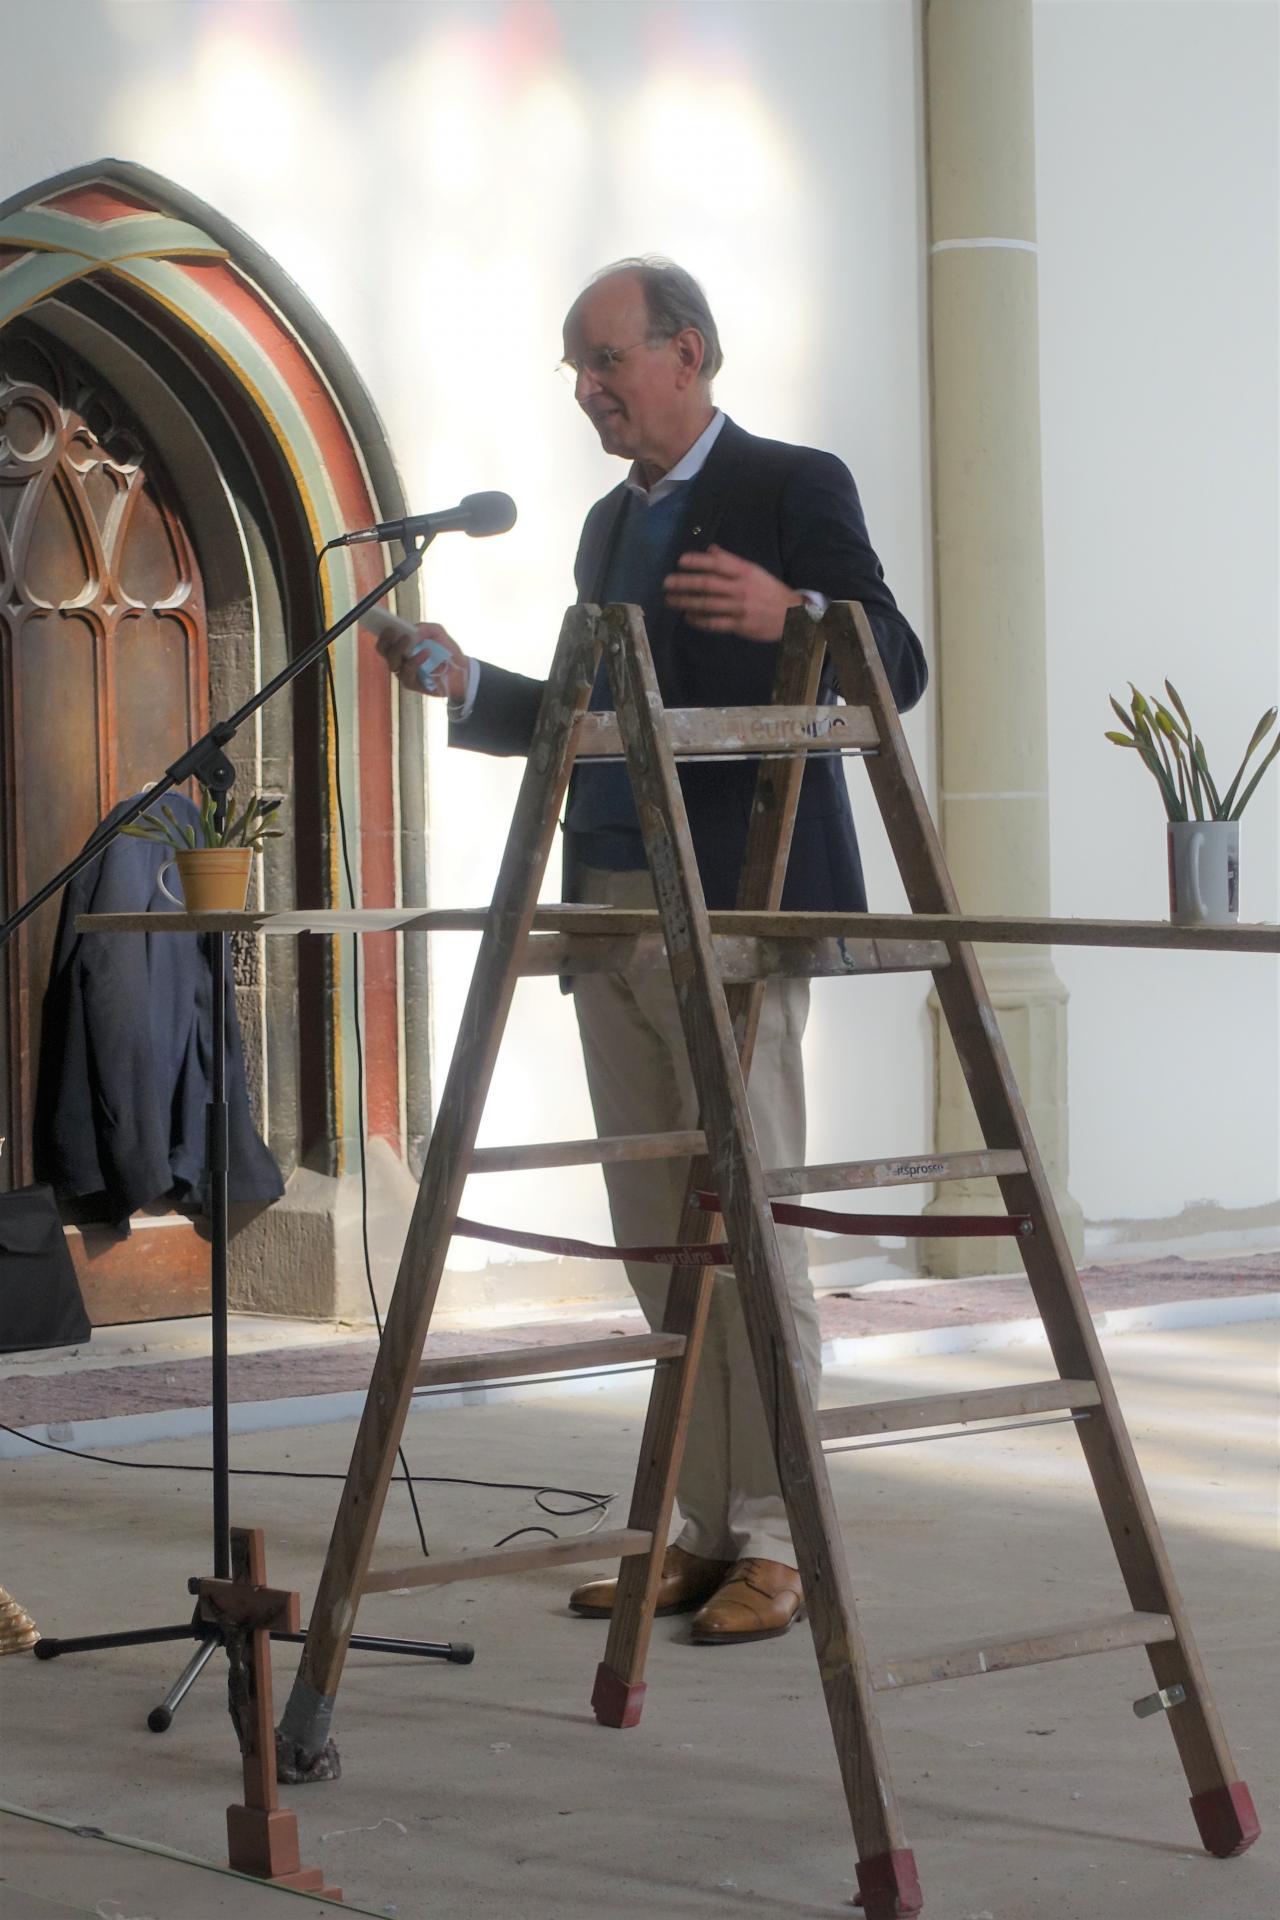 Landesbischof hinter dem 'Leiteraltar' mit Osterglocken und Kreuz am Fußpunkt